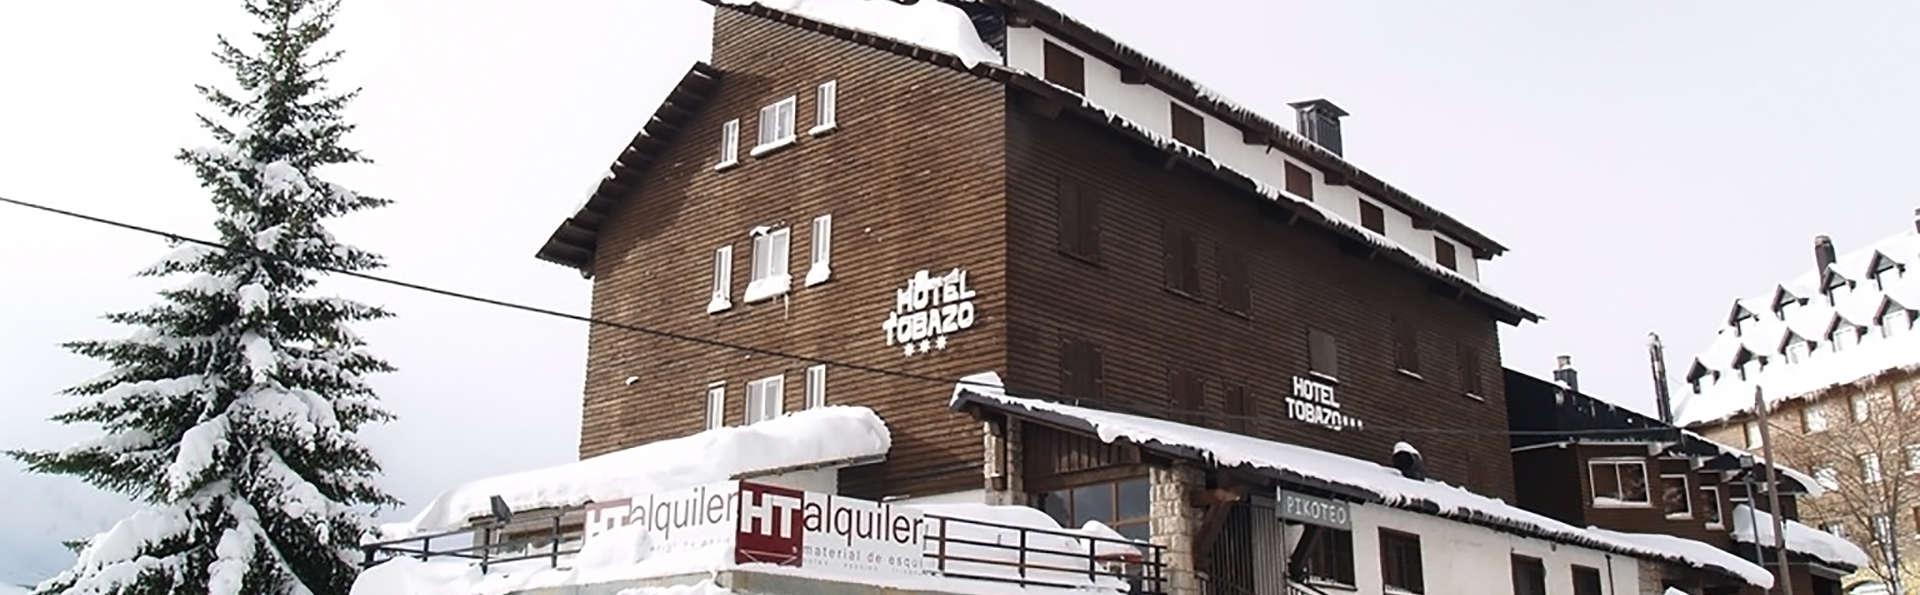 Escapada con forfait para 2 dias y cena a los pies de la estación de esquí